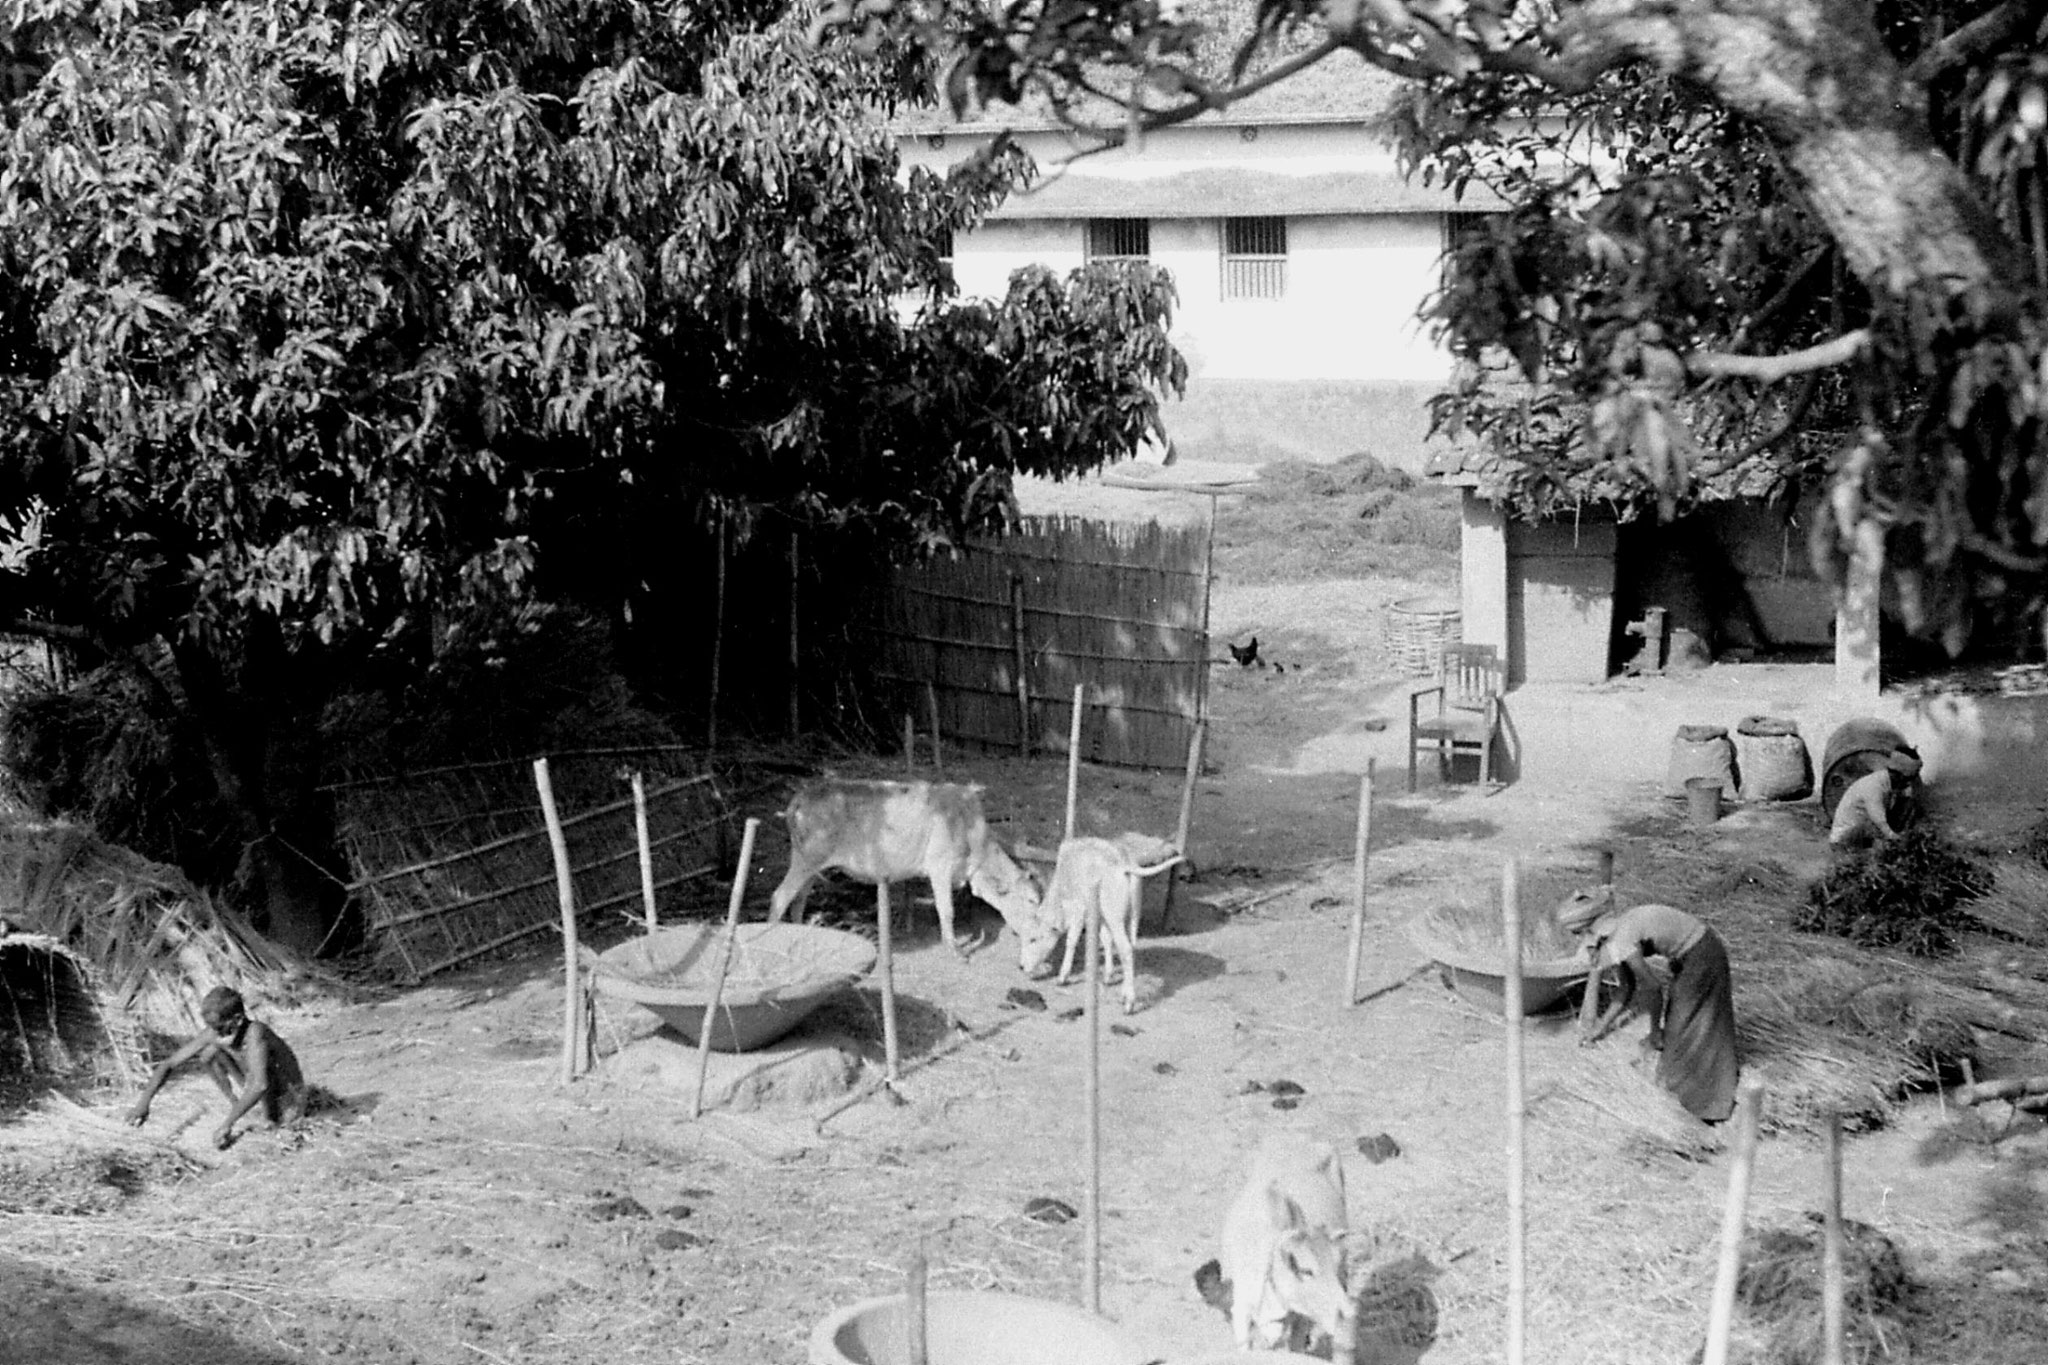 7/4/1990: 17: East Bihar after Katihar